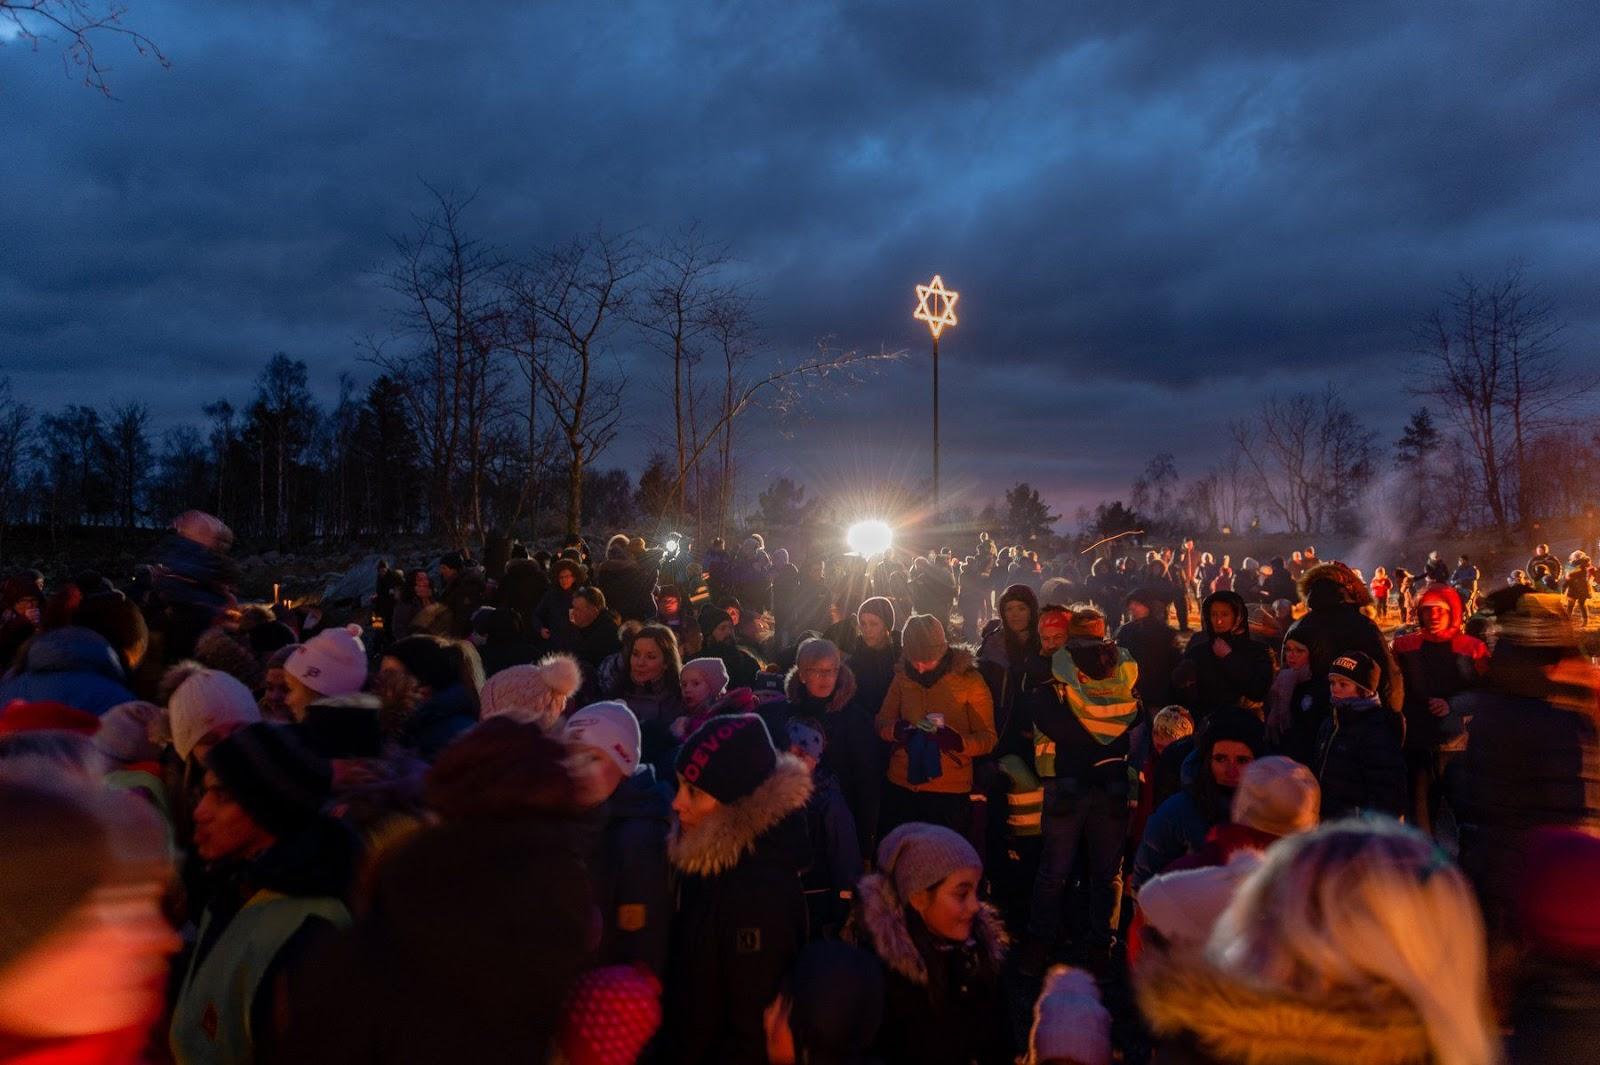 Noorse burgemeester vraagt plaatselijke kerk om Davidster te verwijderen